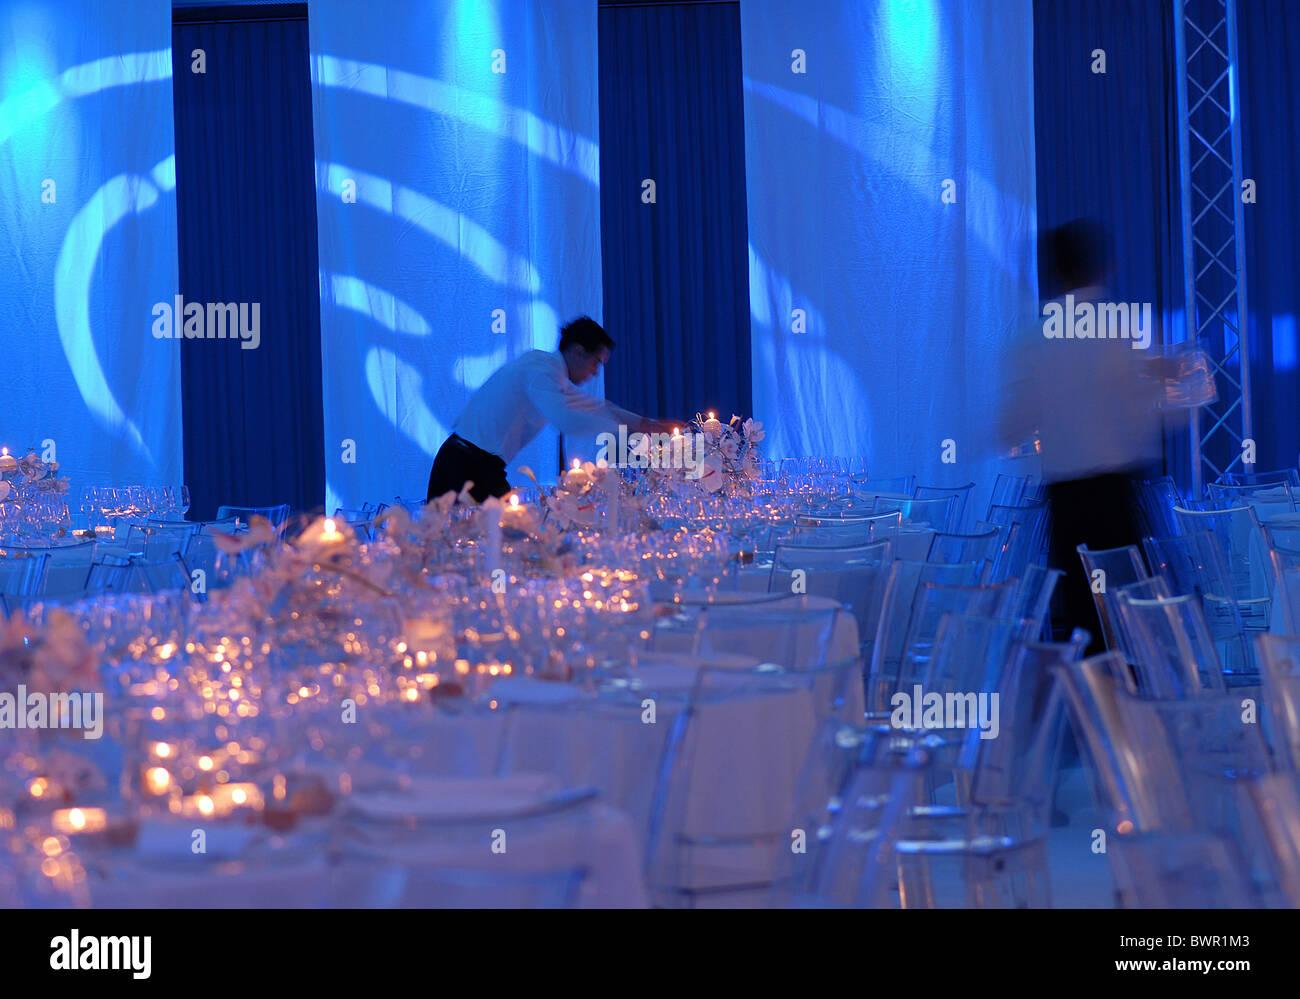 Vie de l'événement ambiance bougies chandelles ambiance table chaises tables gastronomie lunettes Photo Stock